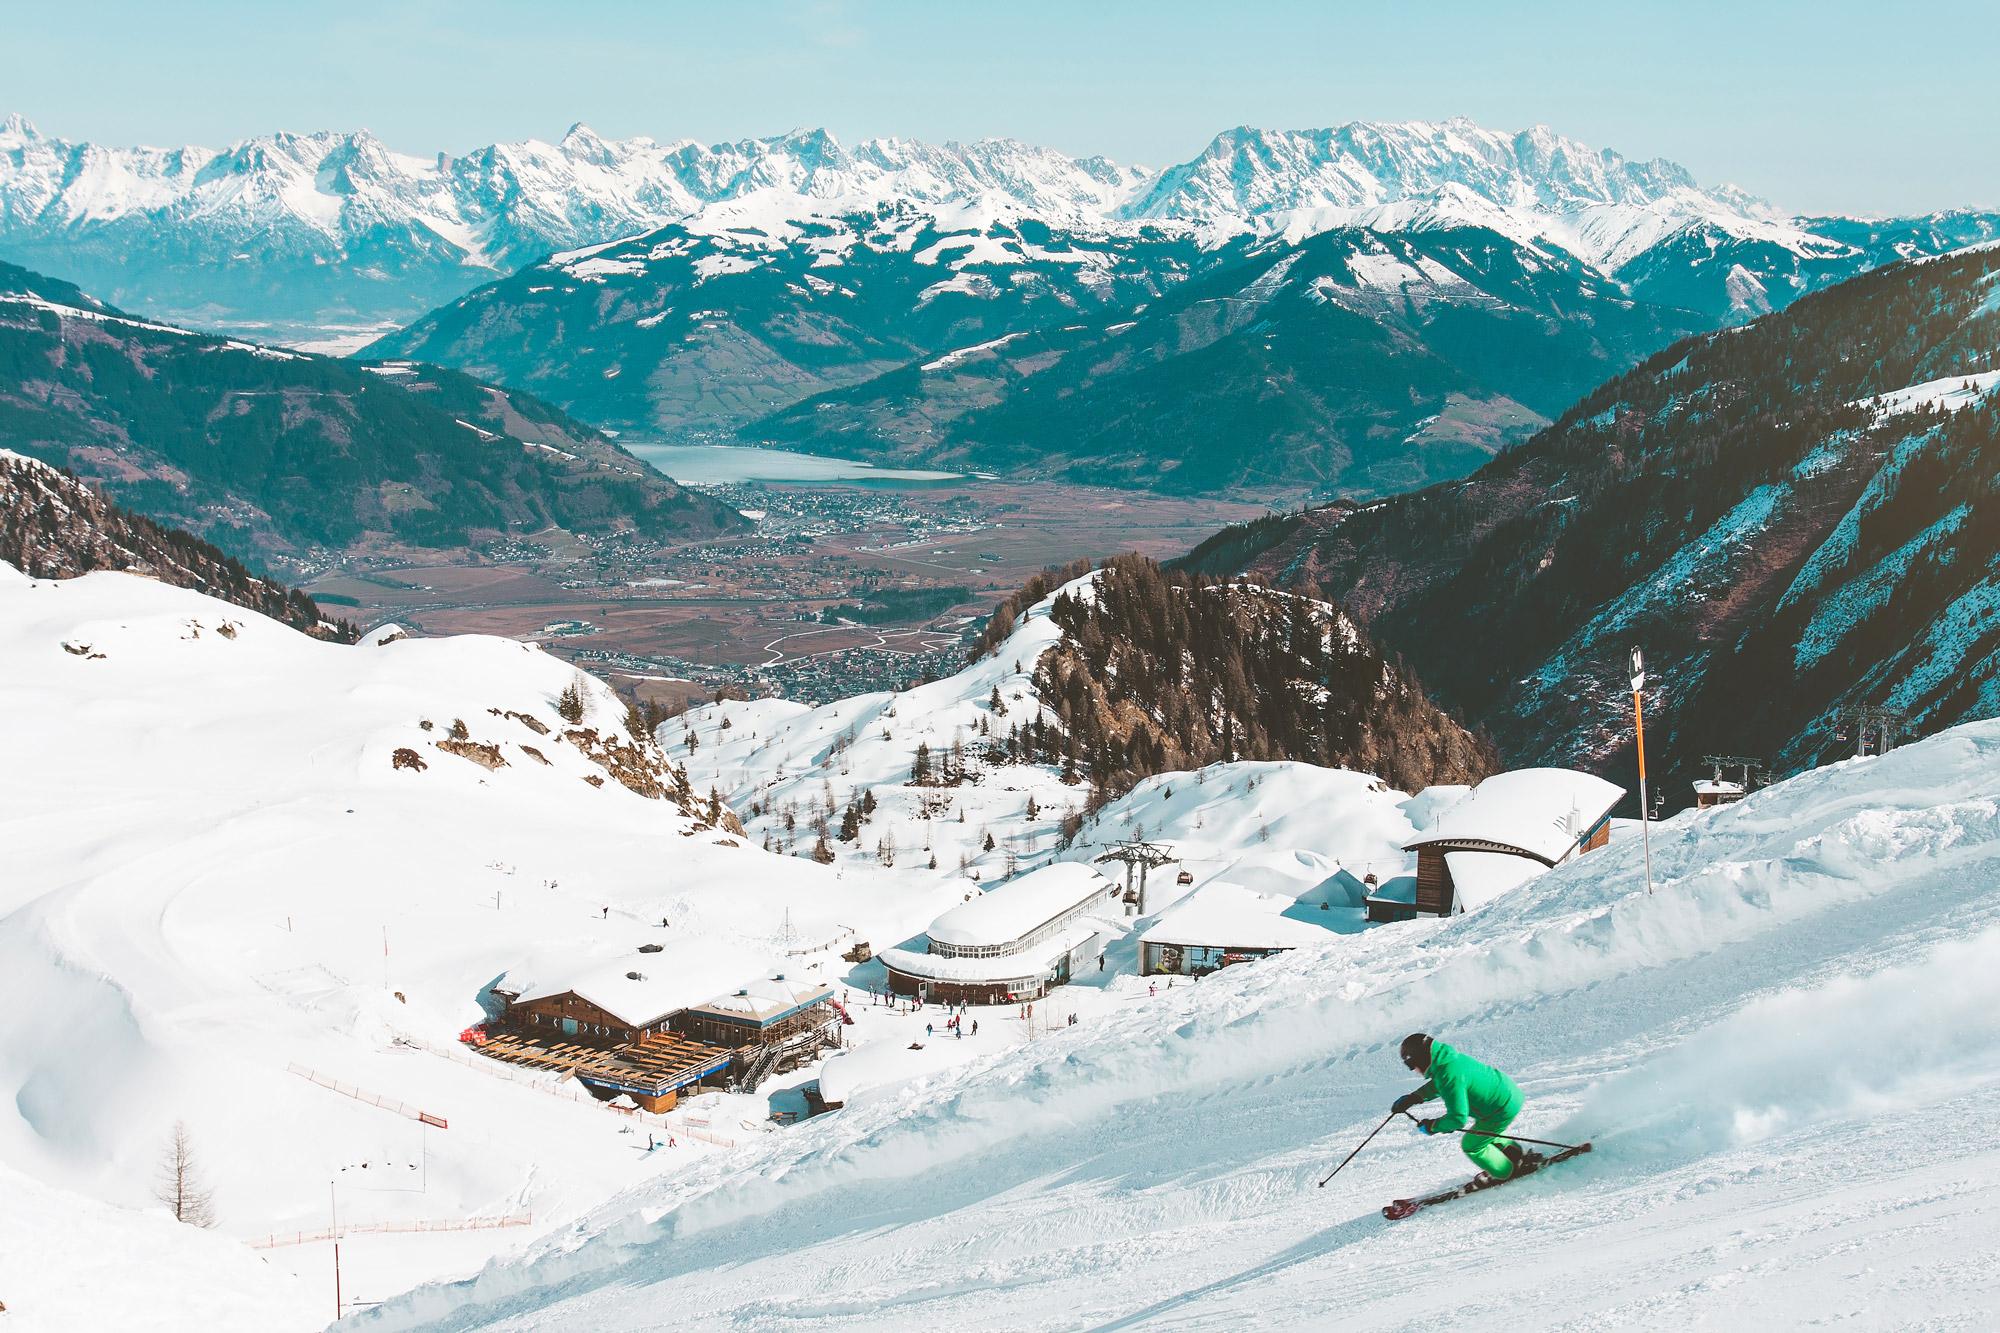 Skieur en combinaison verte en train de decsendre une piste enneigée en Autriche.